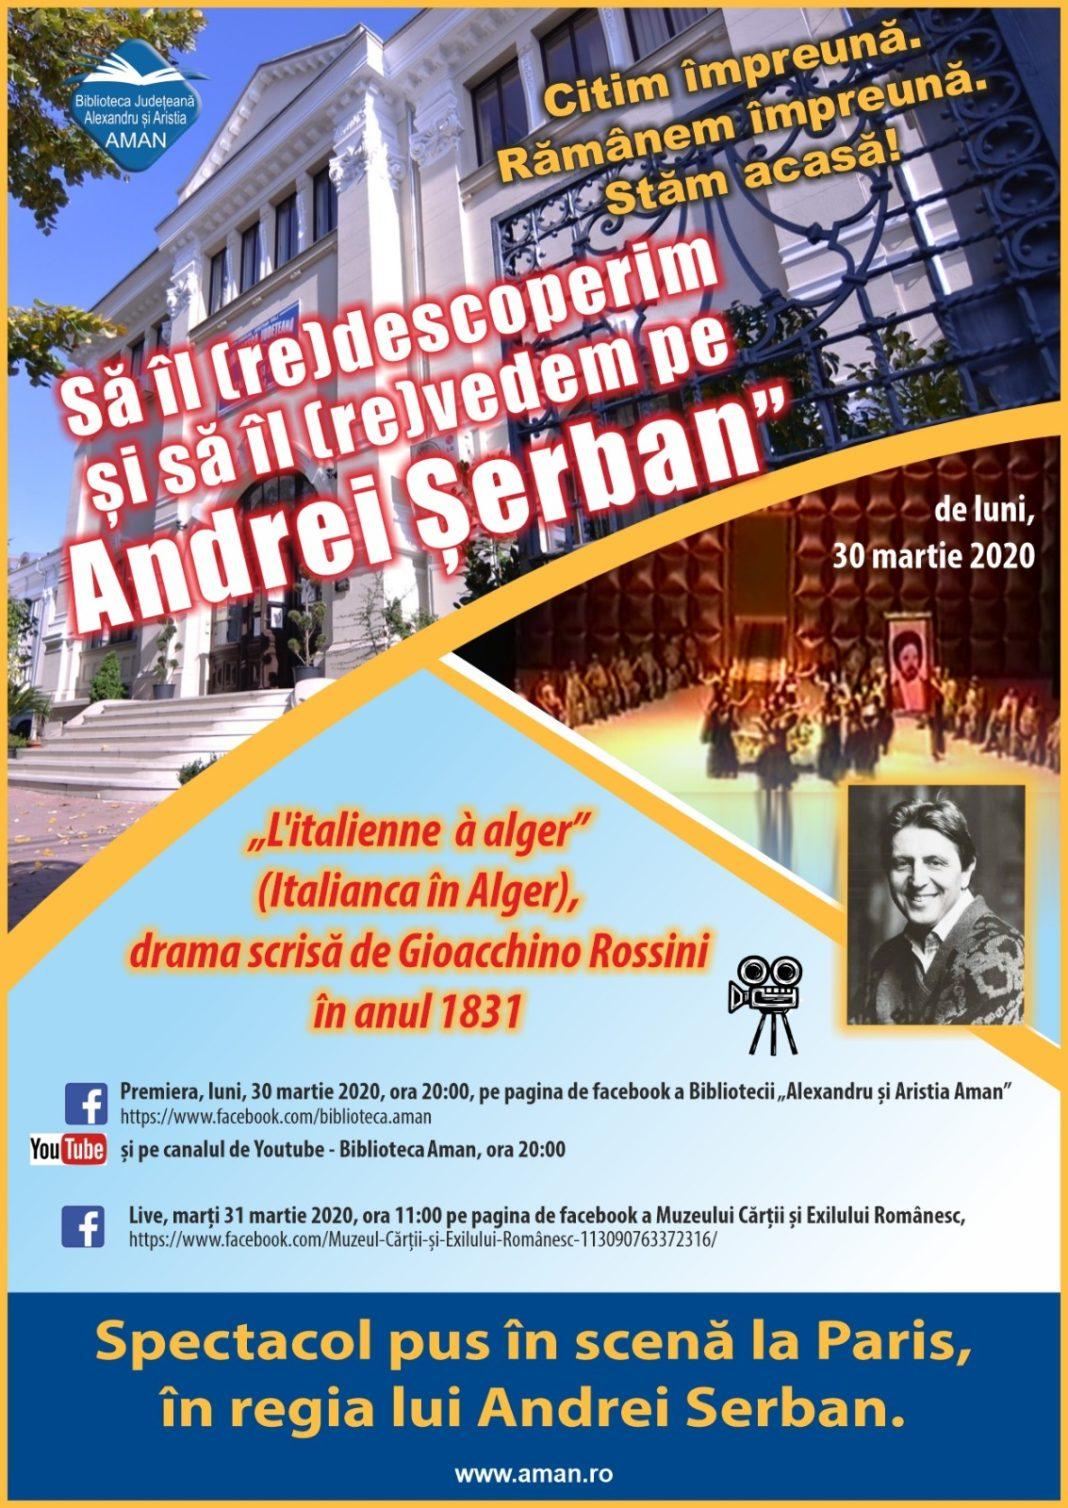 Spectacole de teatru și operă jucate pe marile scene din străinătate și care poartă amprenta marelui regizor Andrei Șerban